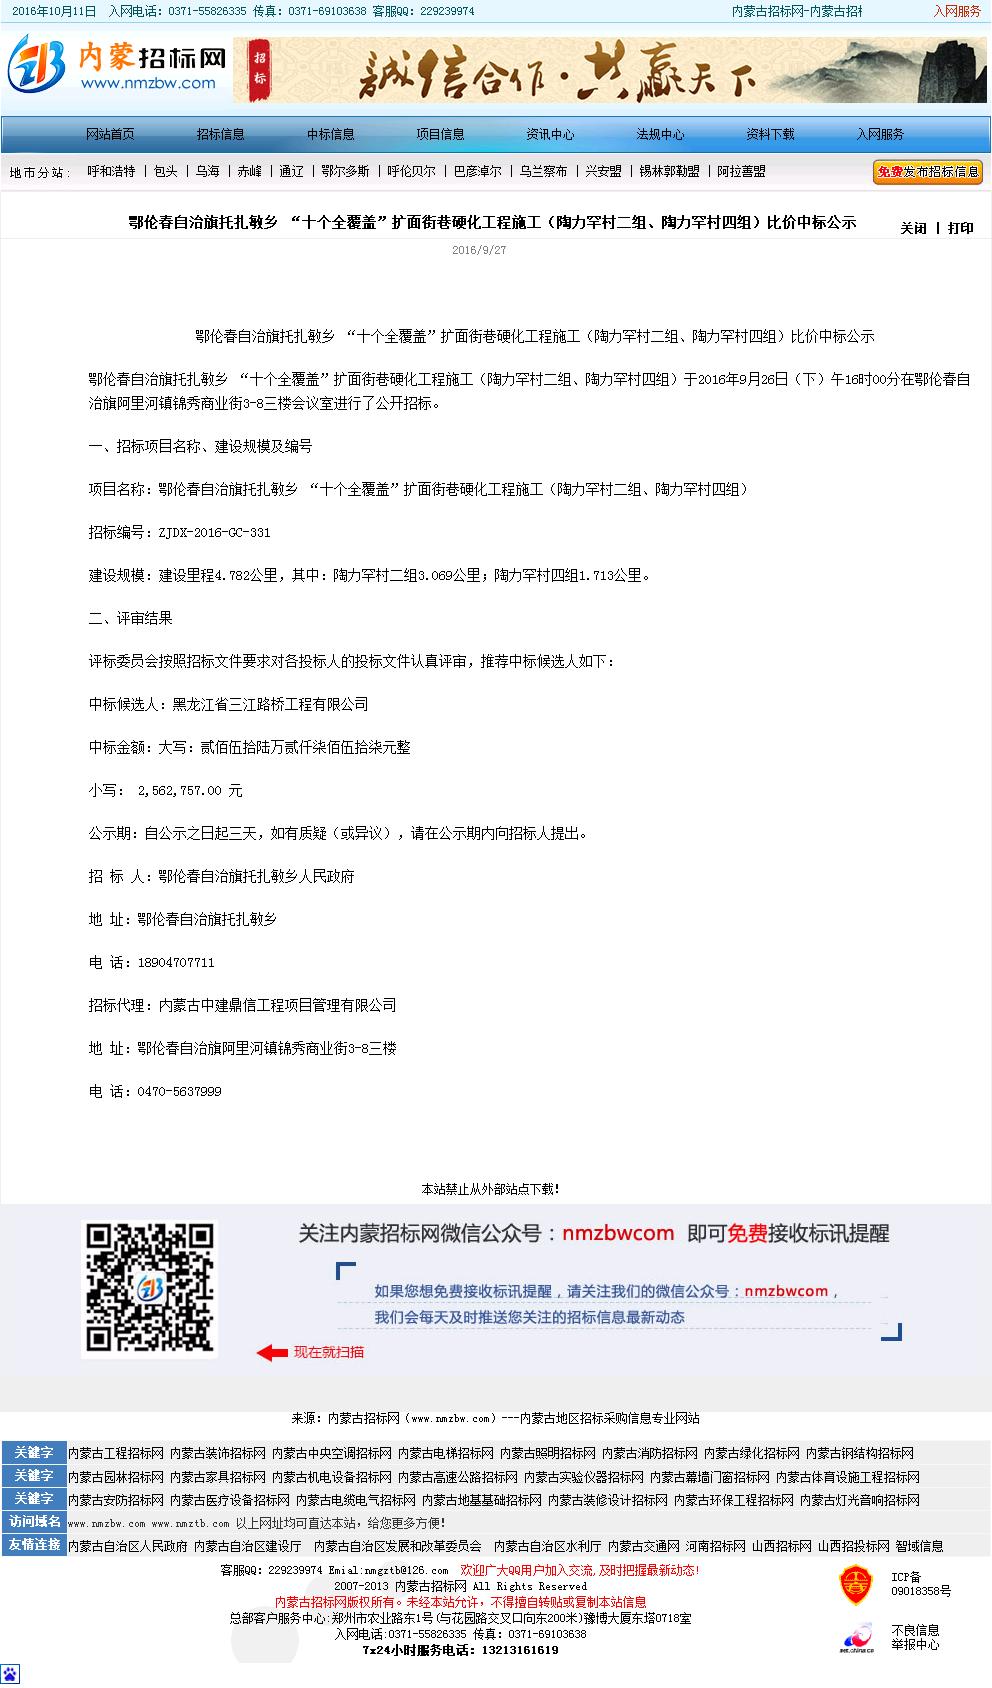 黑龙江省三江路桥工程有限公司 鄂伦春自治旗托扎敏乡